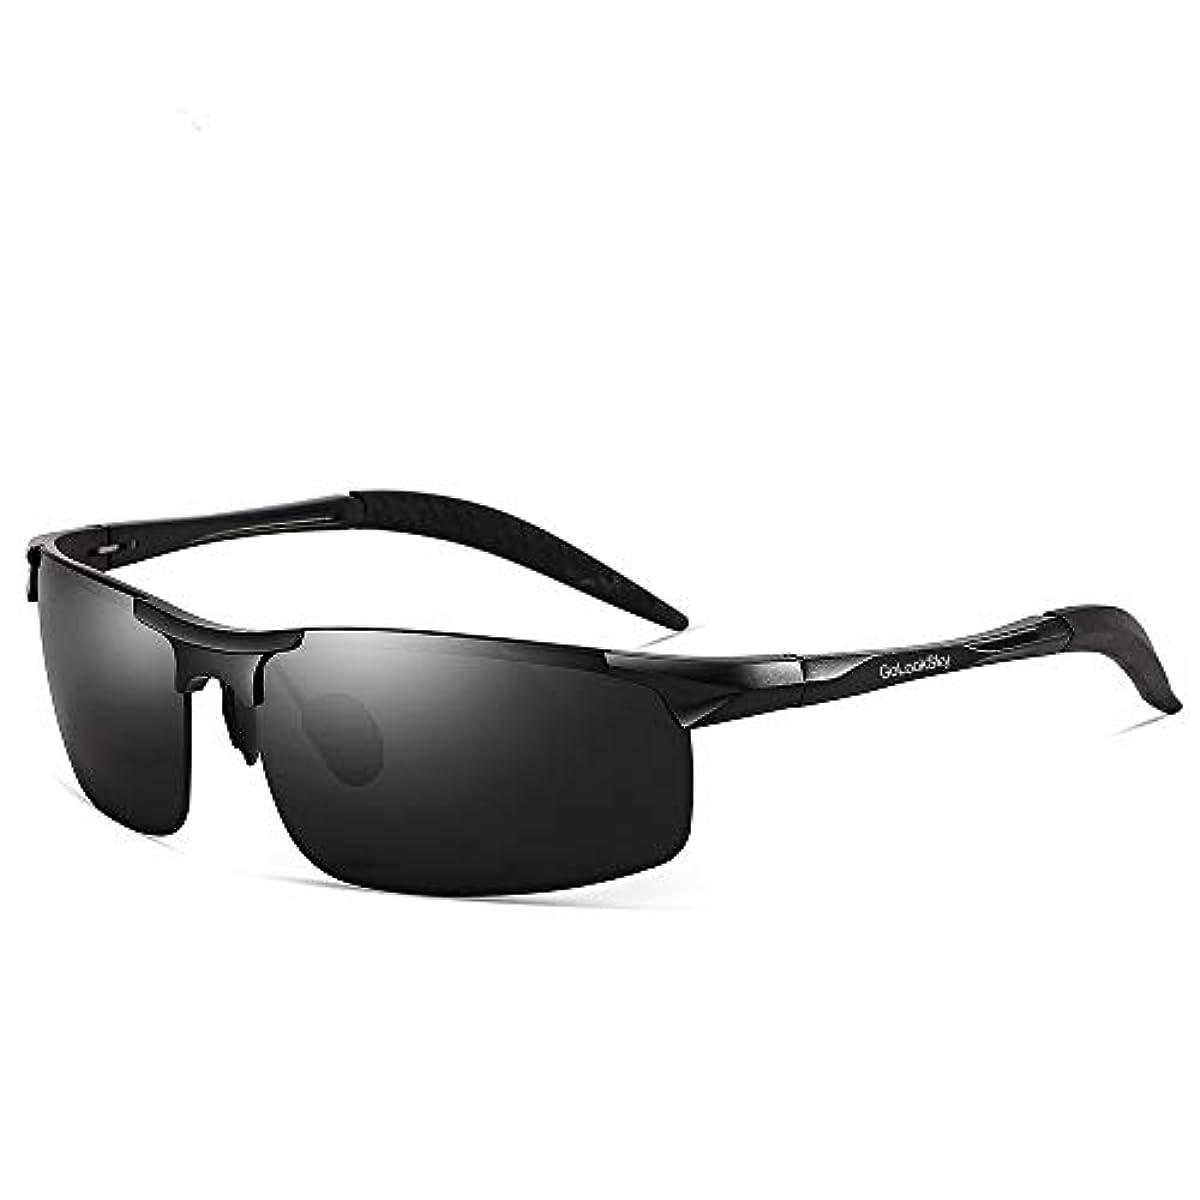 [해외] GOLOOKSKY 【최신판】편광 렌즈 스포츠 썬글라스 초경량 알루미늄・마그네슘 합성피혁금 UV400 자외선 컷,운전차용/자전거/야구/낚시/테니스/골프/스키/런닝